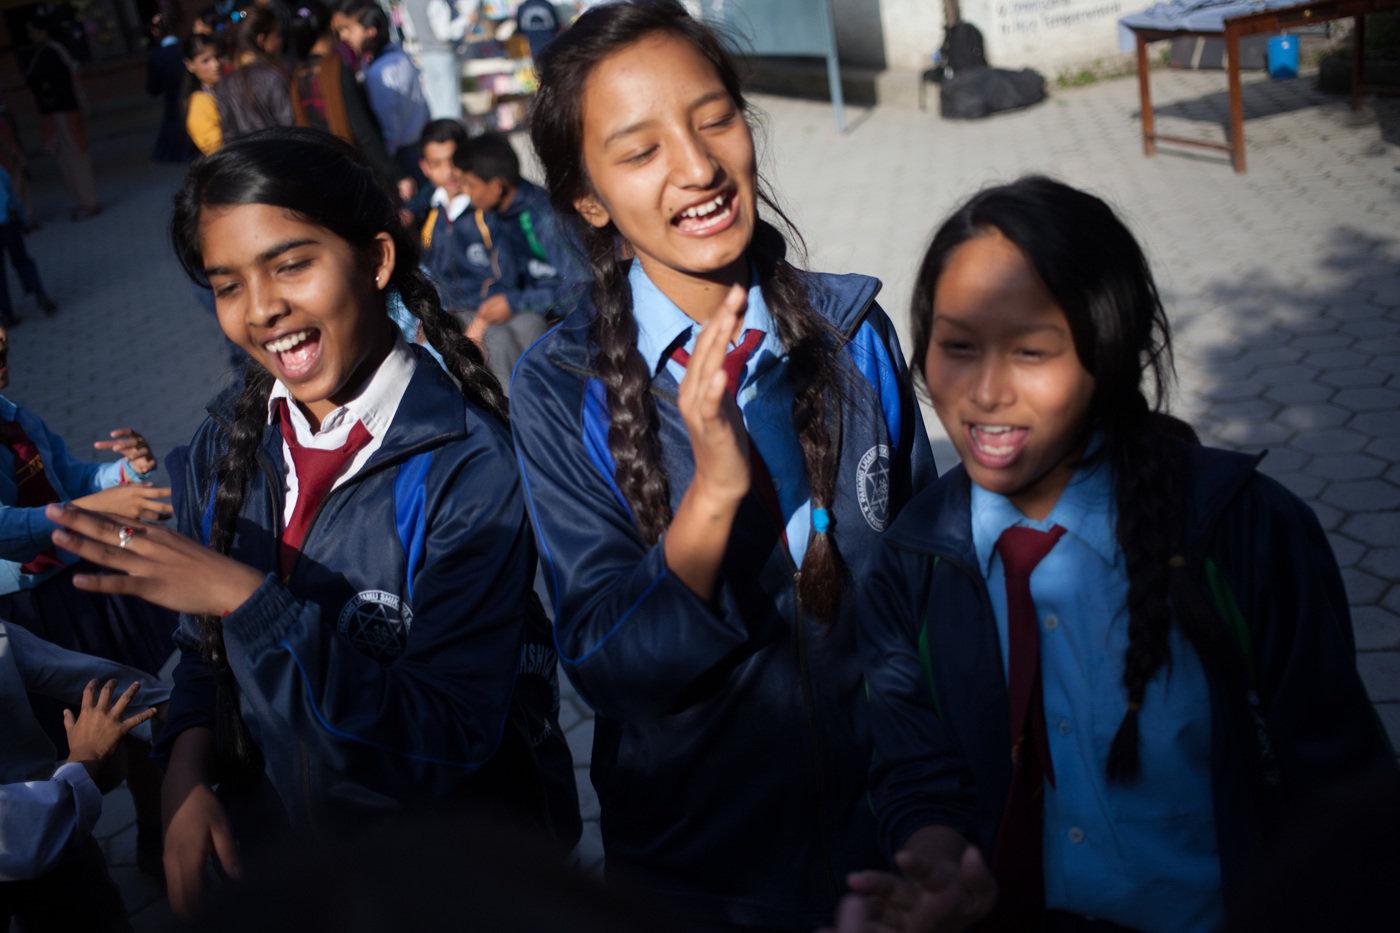 Dental-camps of Kathmandu by Samuel Duggan at Coroflot com